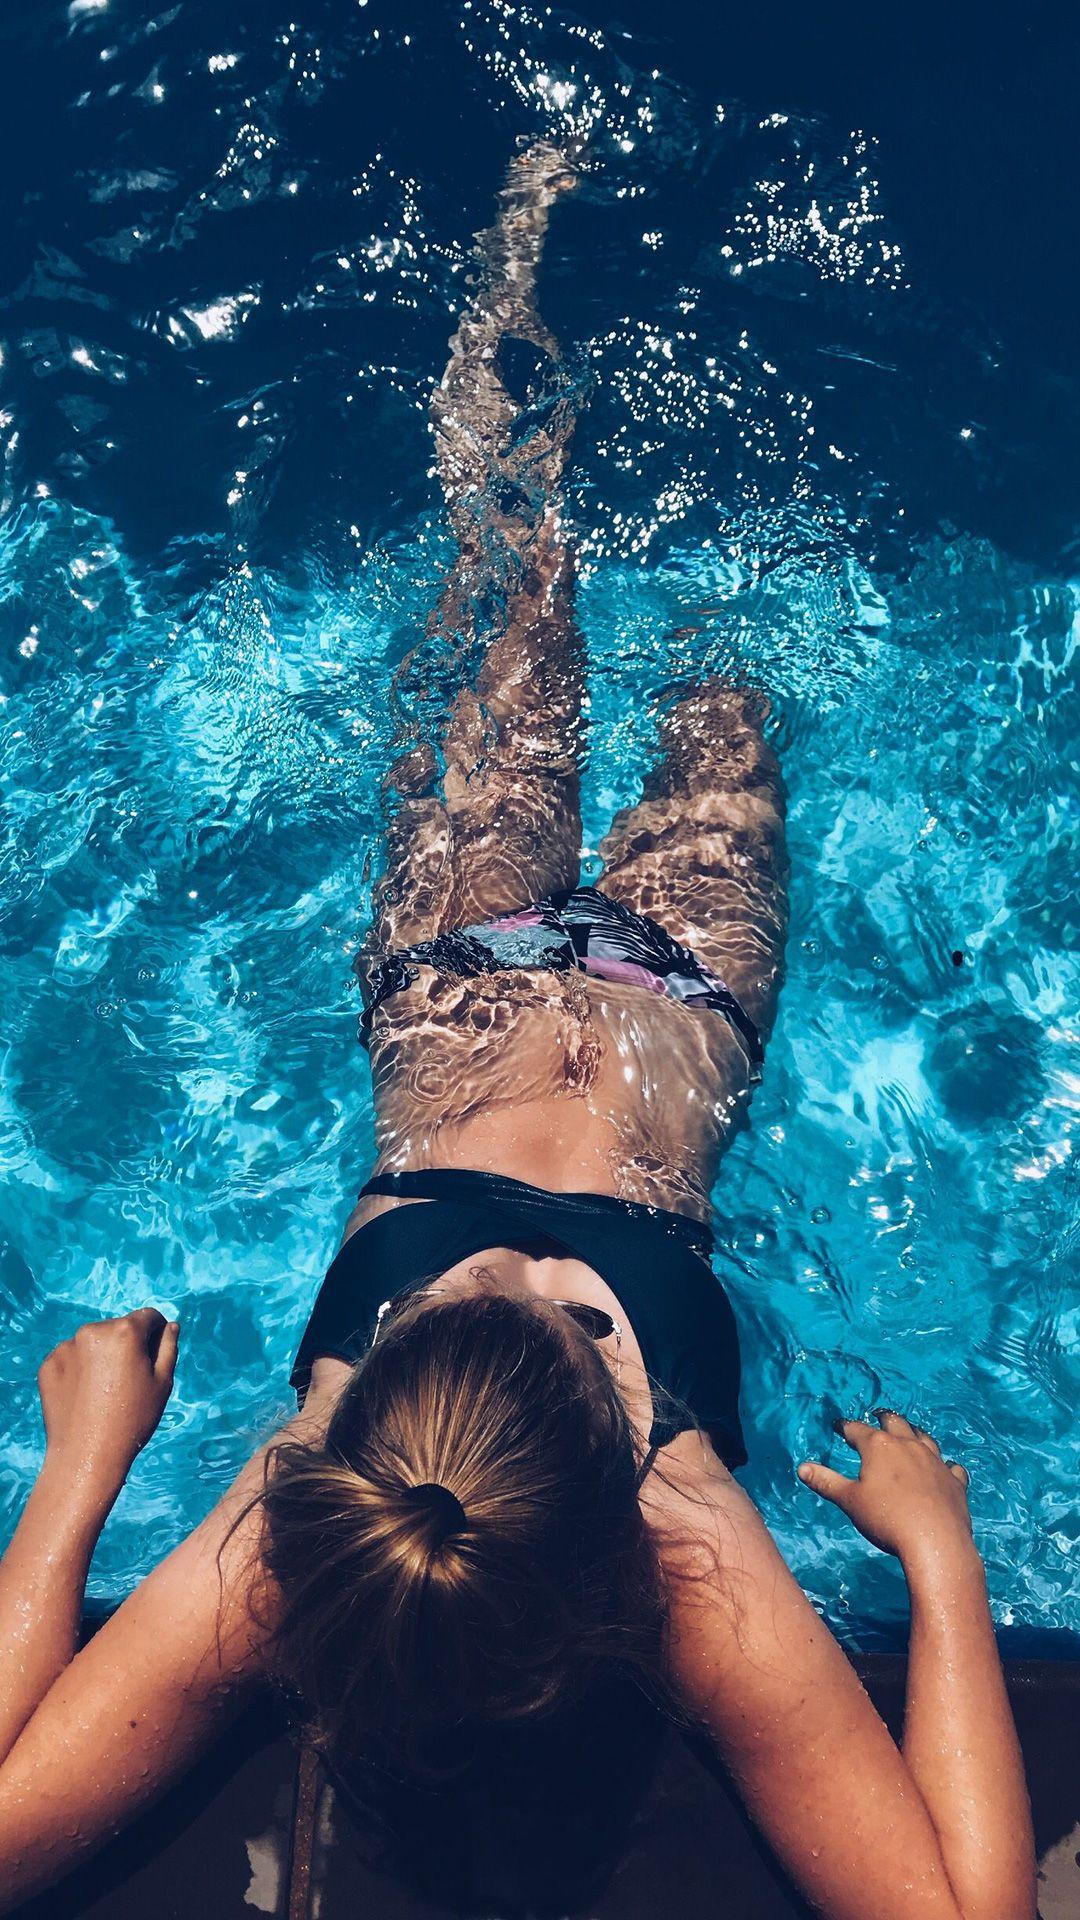 звездой нужно цитаты под фото в бассейне быстро обрел